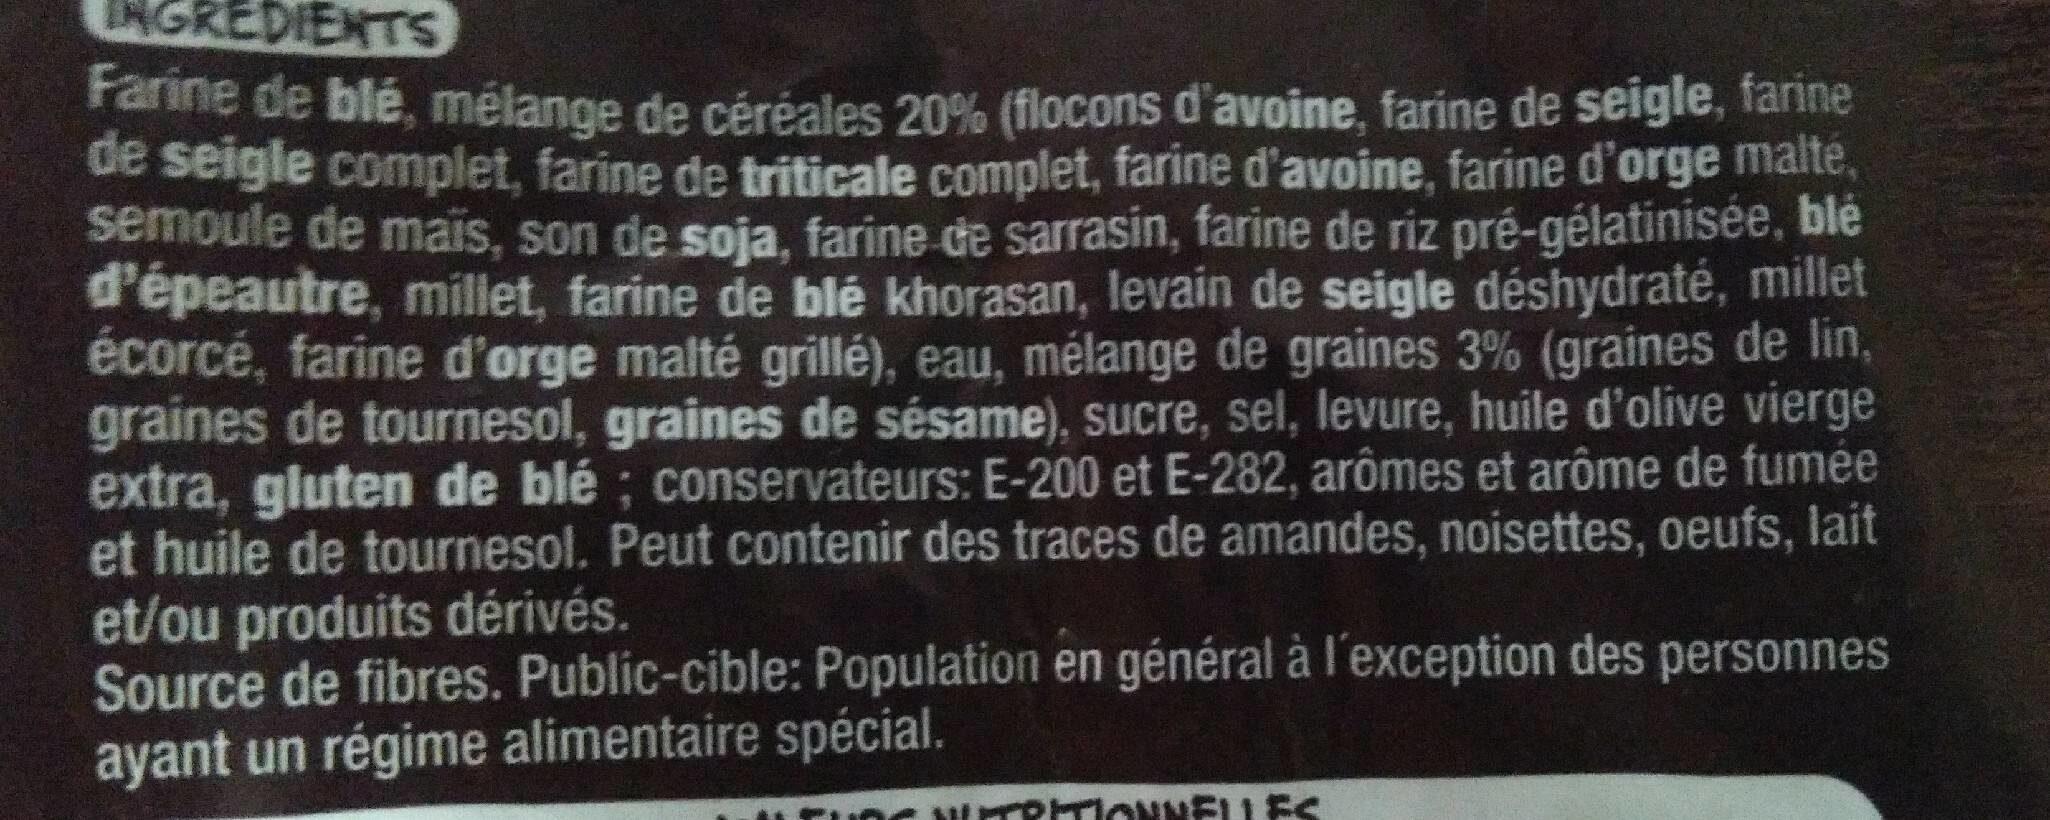 Pain rustique céréales et graines - Ingredienti - fr